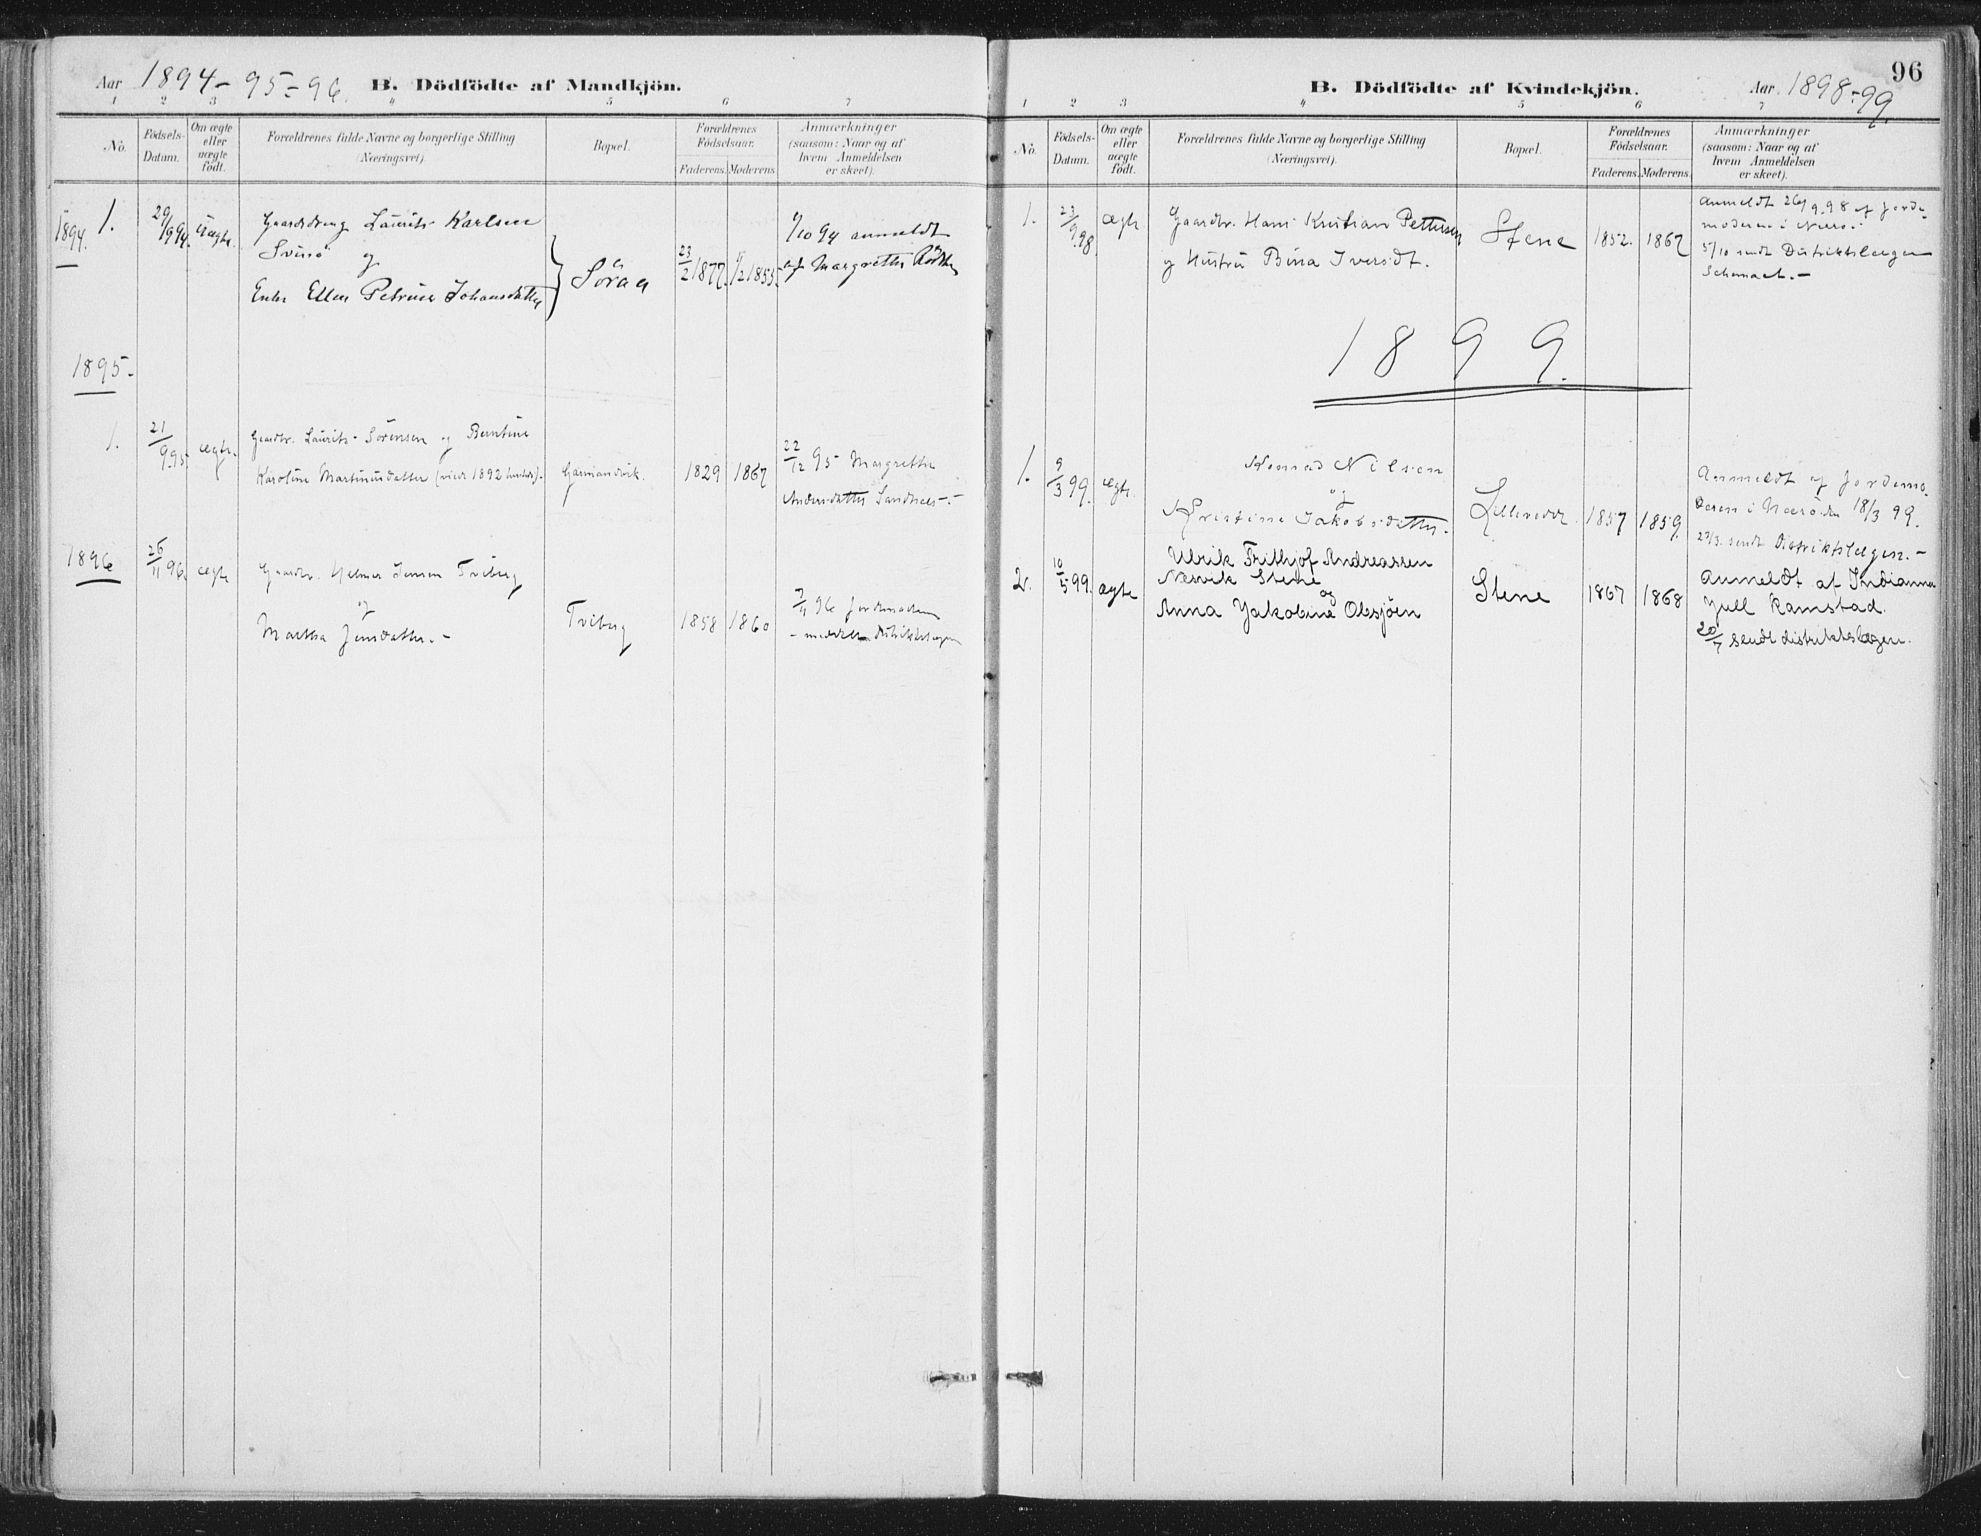 SAT, Ministerialprotokoller, klokkerbøker og fødselsregistre - Nord-Trøndelag, 784/L0673: Ministerialbok nr. 784A08, 1888-1899, s. 96